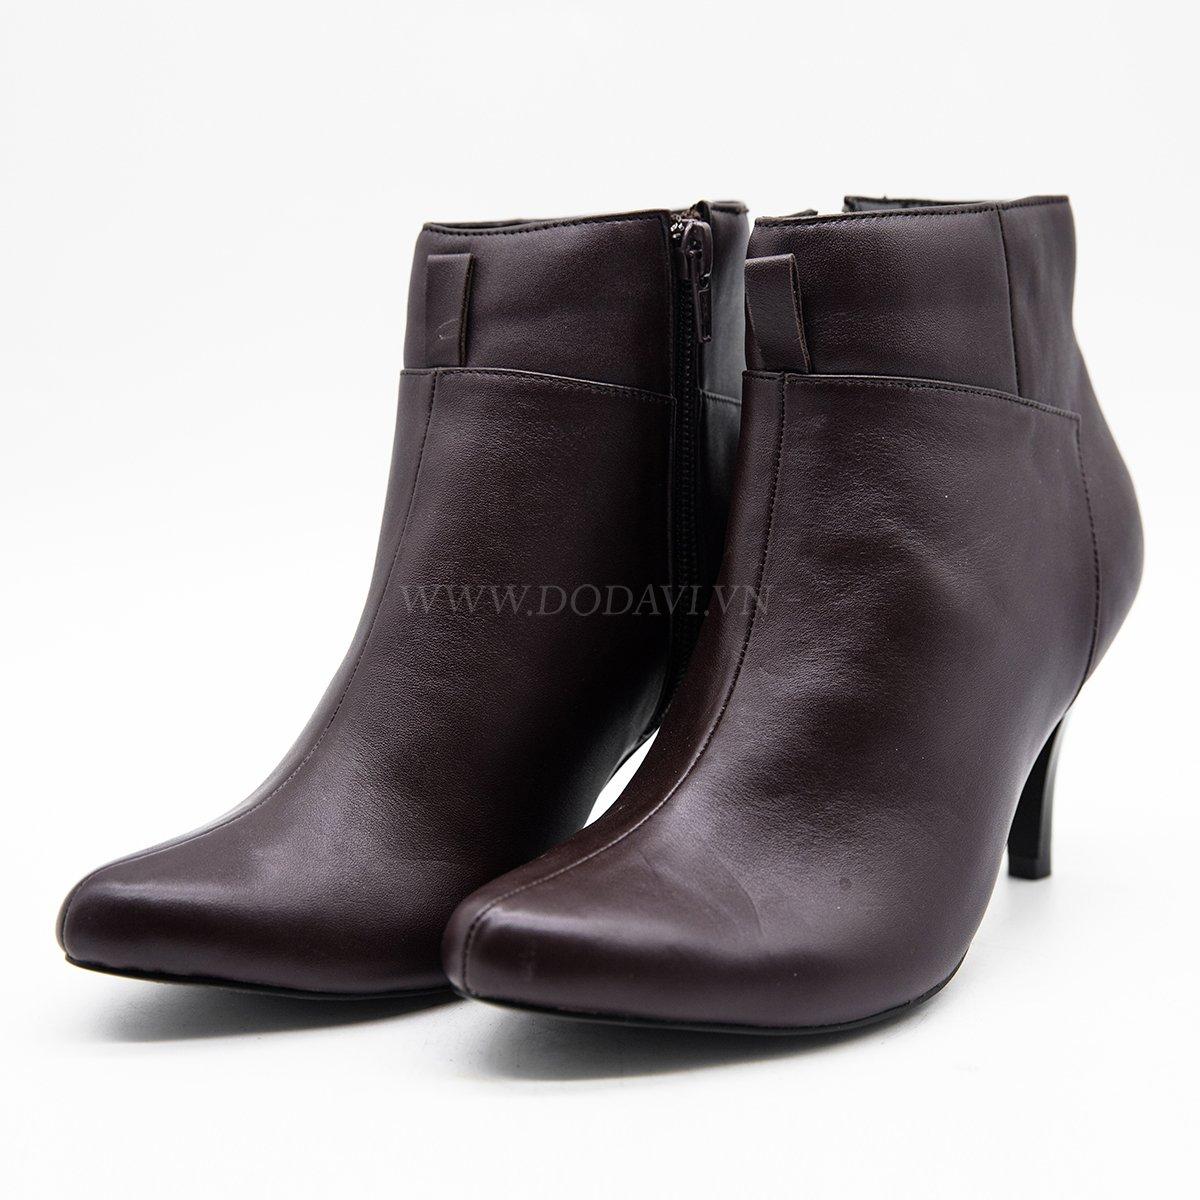 Boot da nữ cổ thấp MT990n37